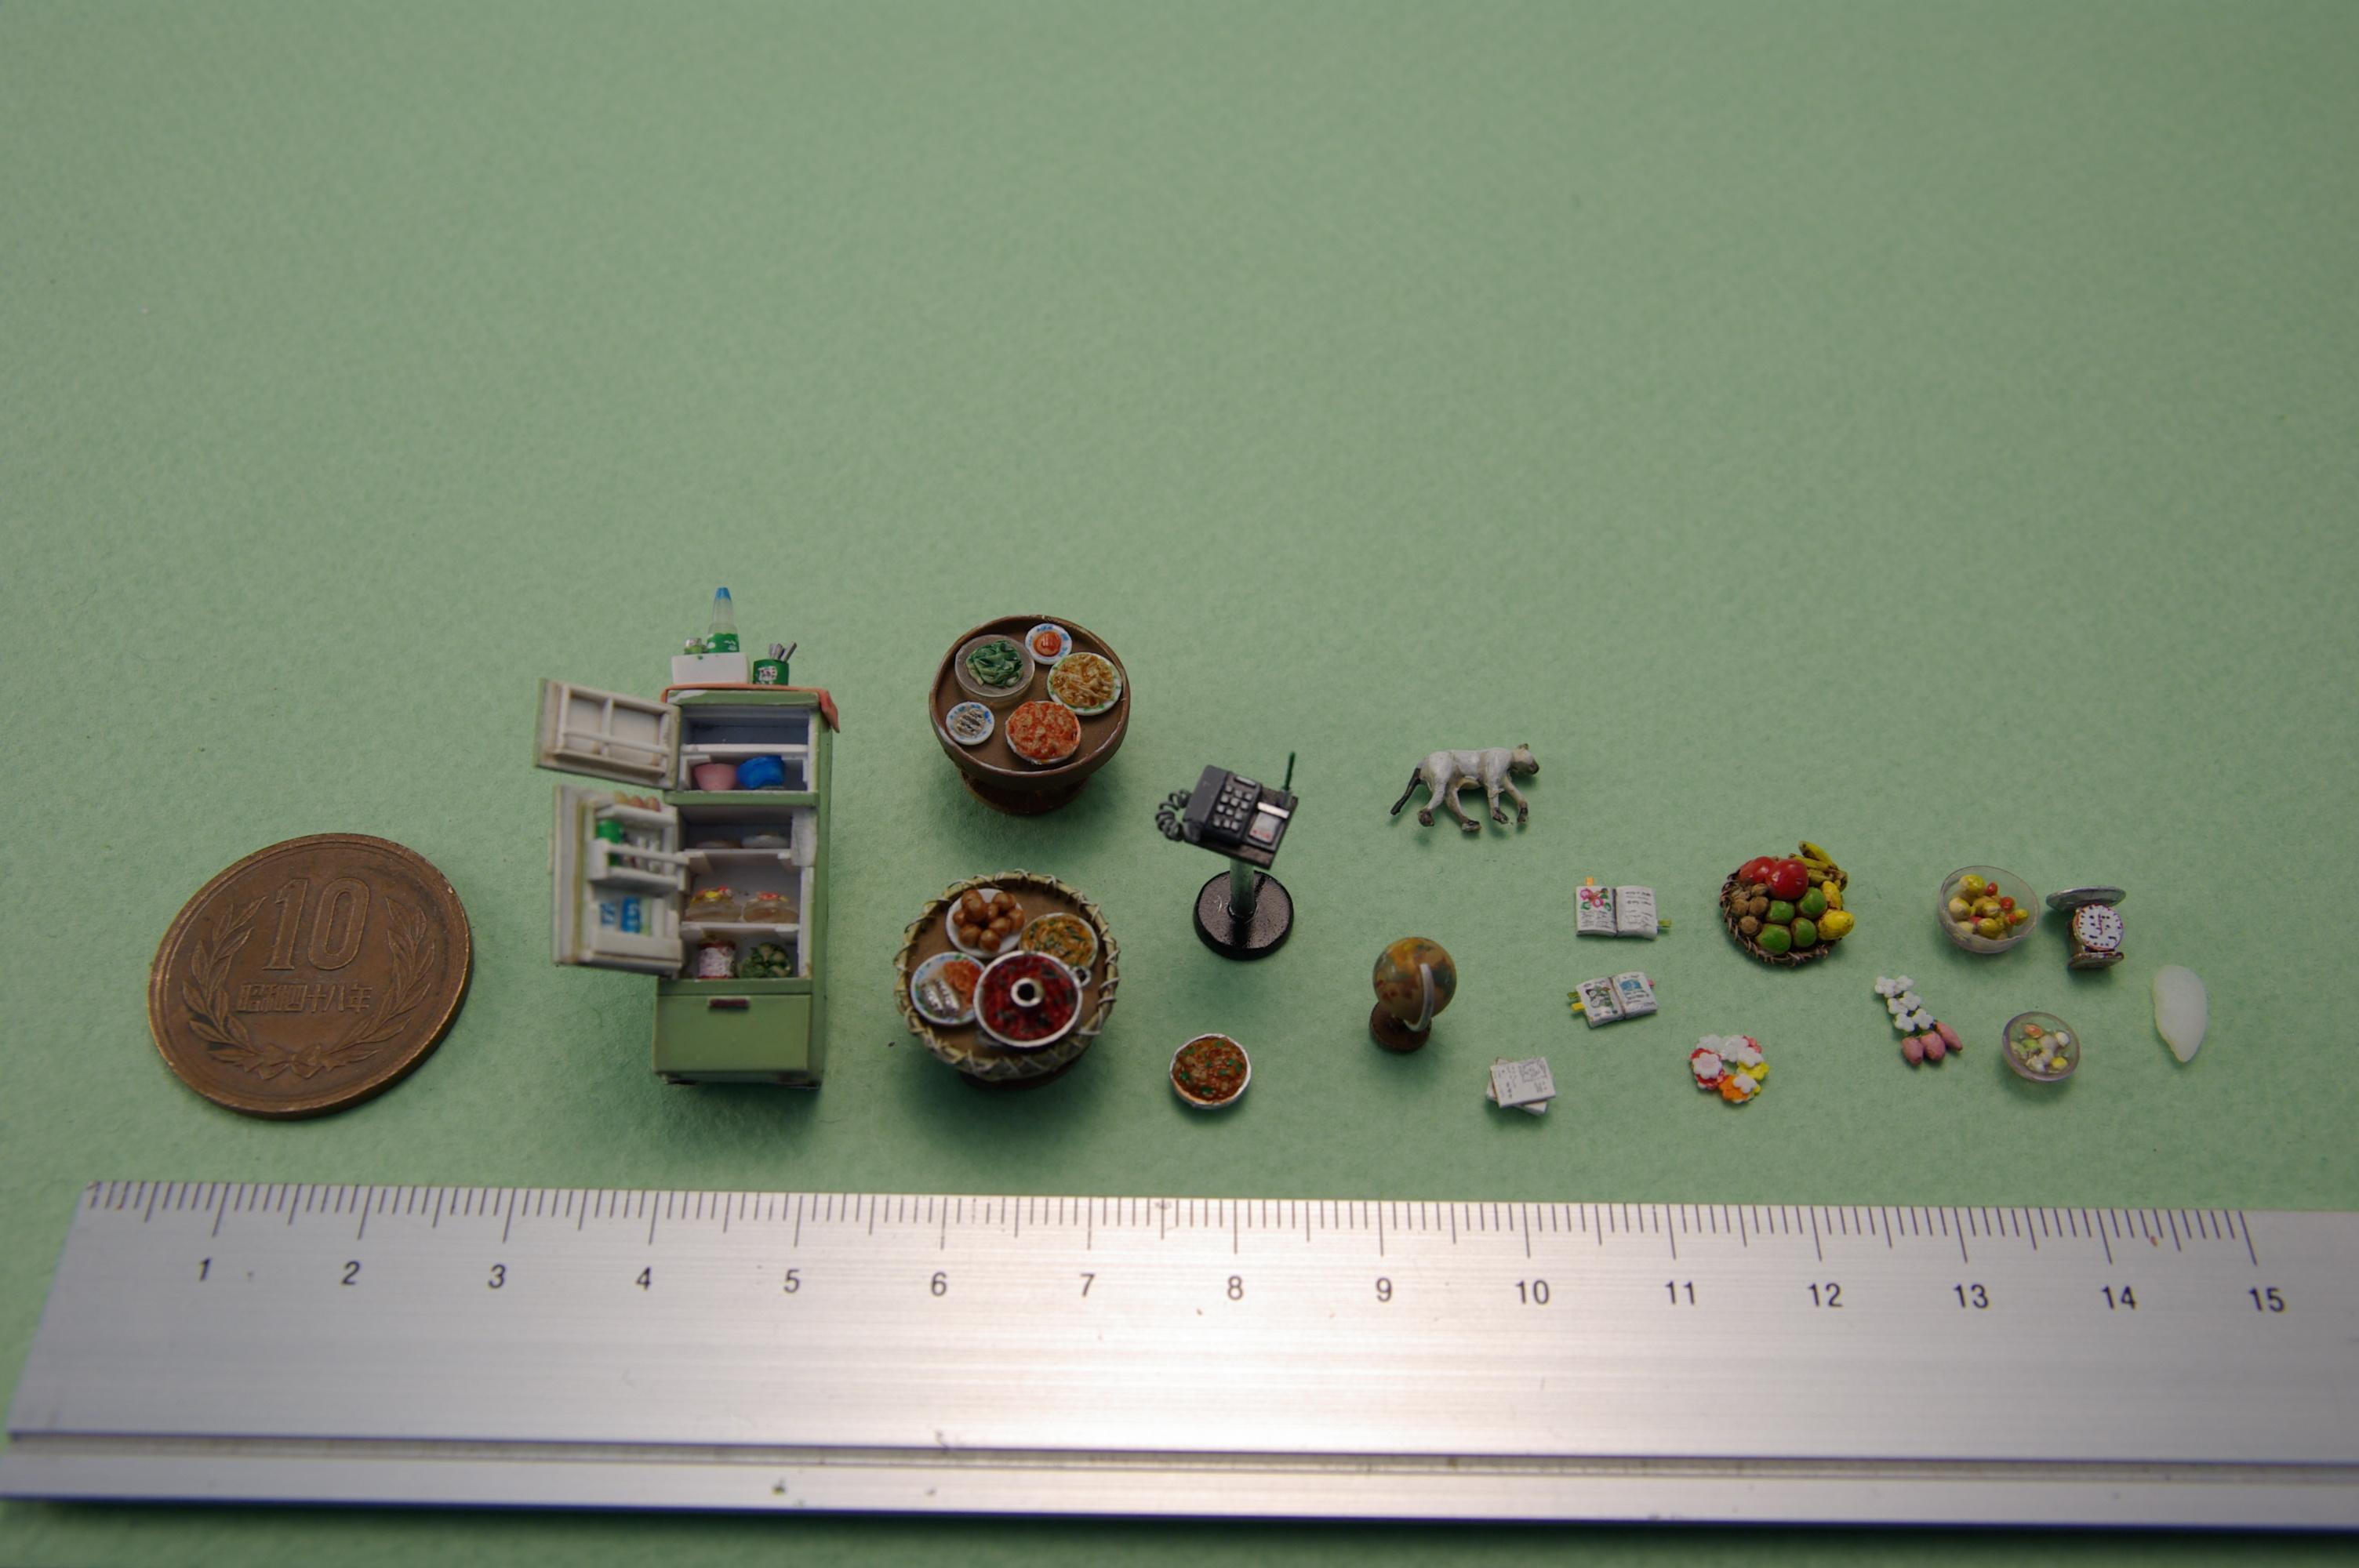 ▼細かい小物を組み合わせてタイの日常を再現しています。ミリ単位で作成されたフルーツは米粒大!